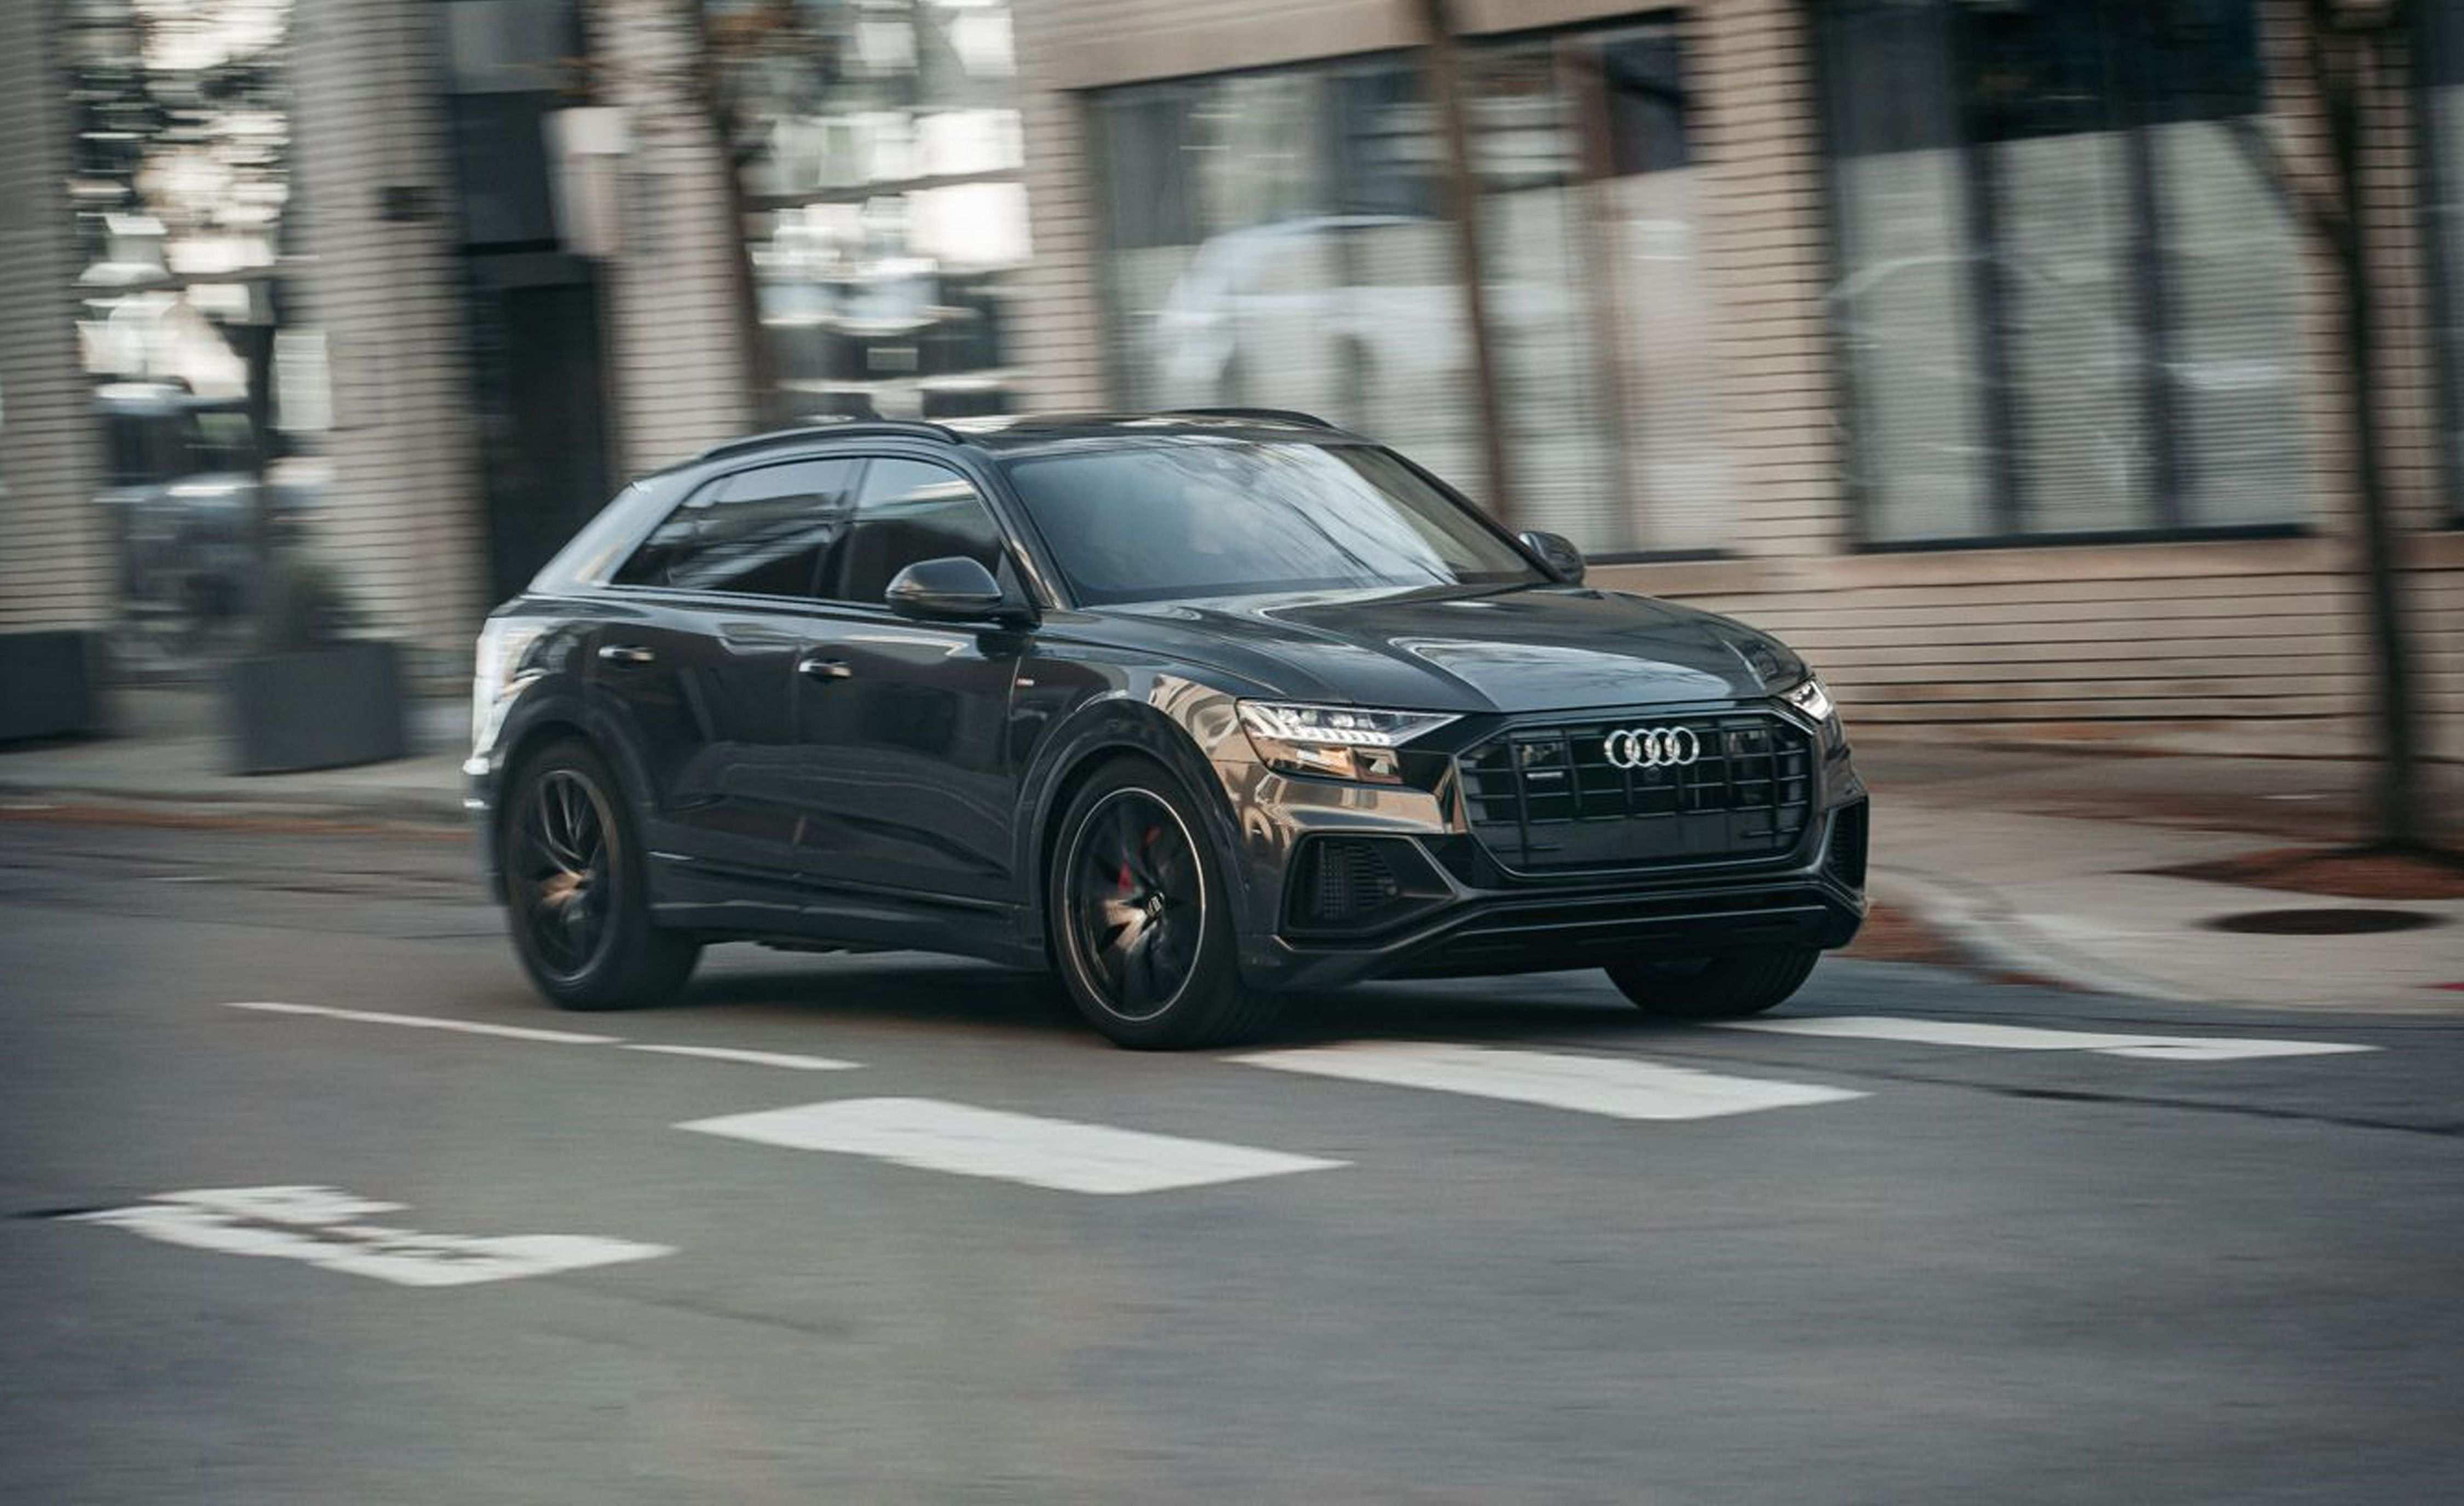 89 New Audi 2019 Q8 Price Interior Redesign by Audi 2019 Q8 Price Interior